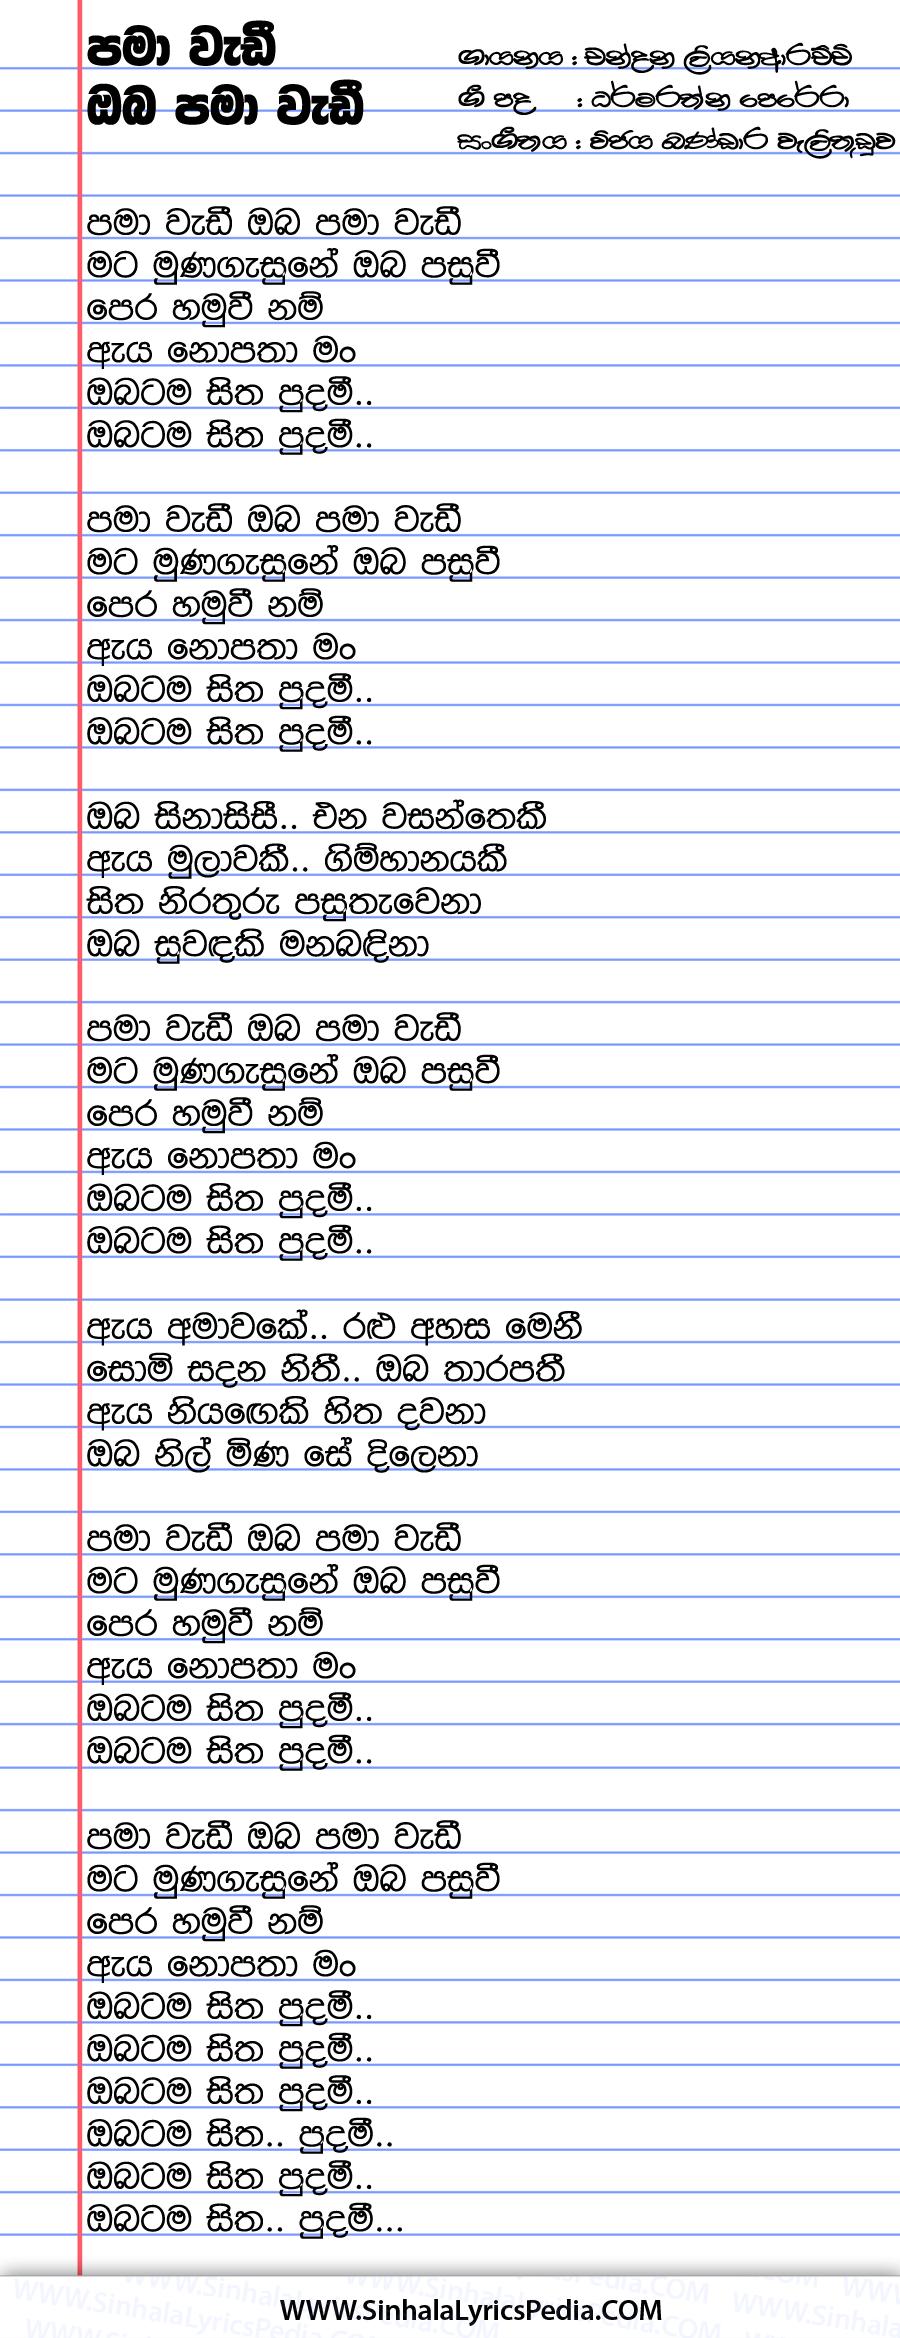 Pama Wadi Oba Pama Wadi Song Lyrics